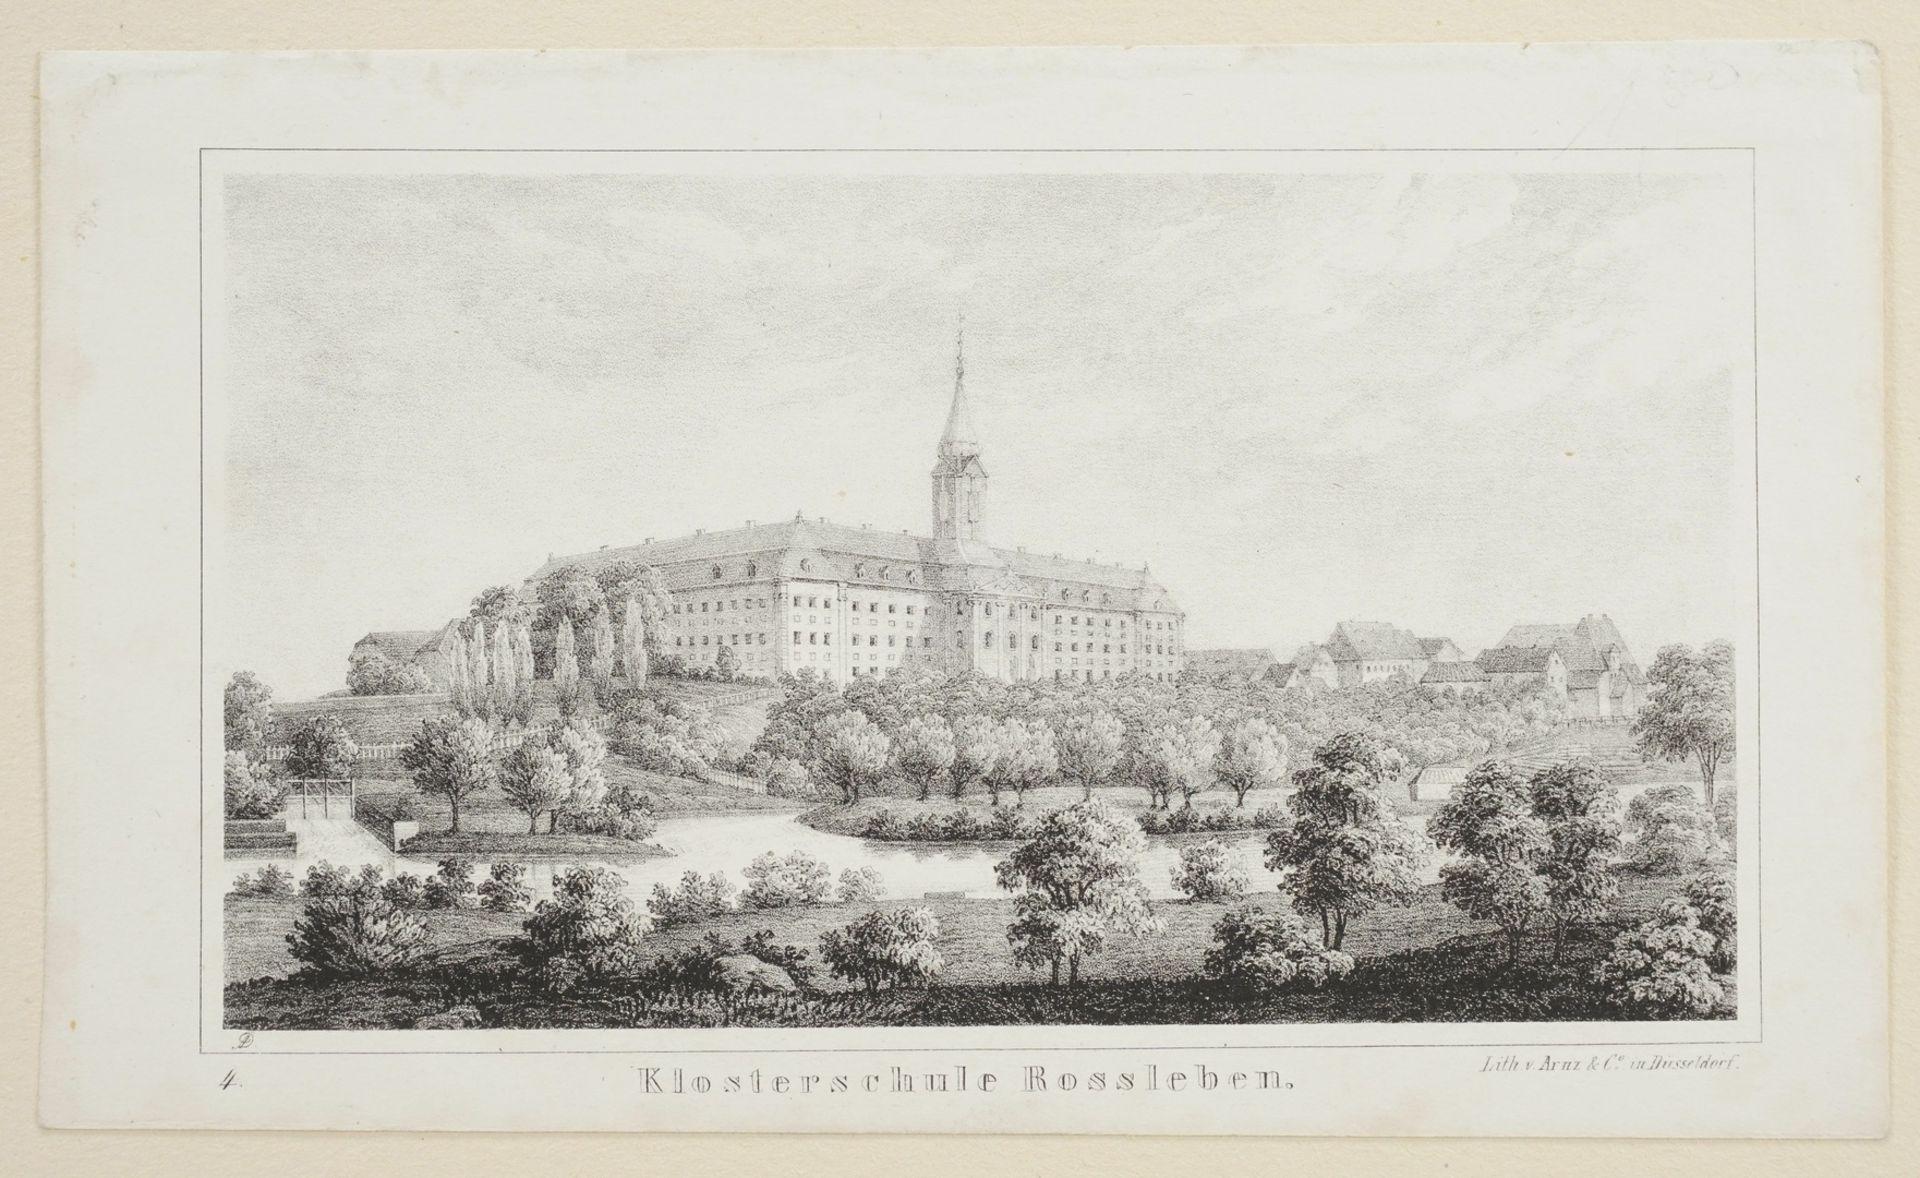 Klosterschule Rossleben - Bild 3 aus 3